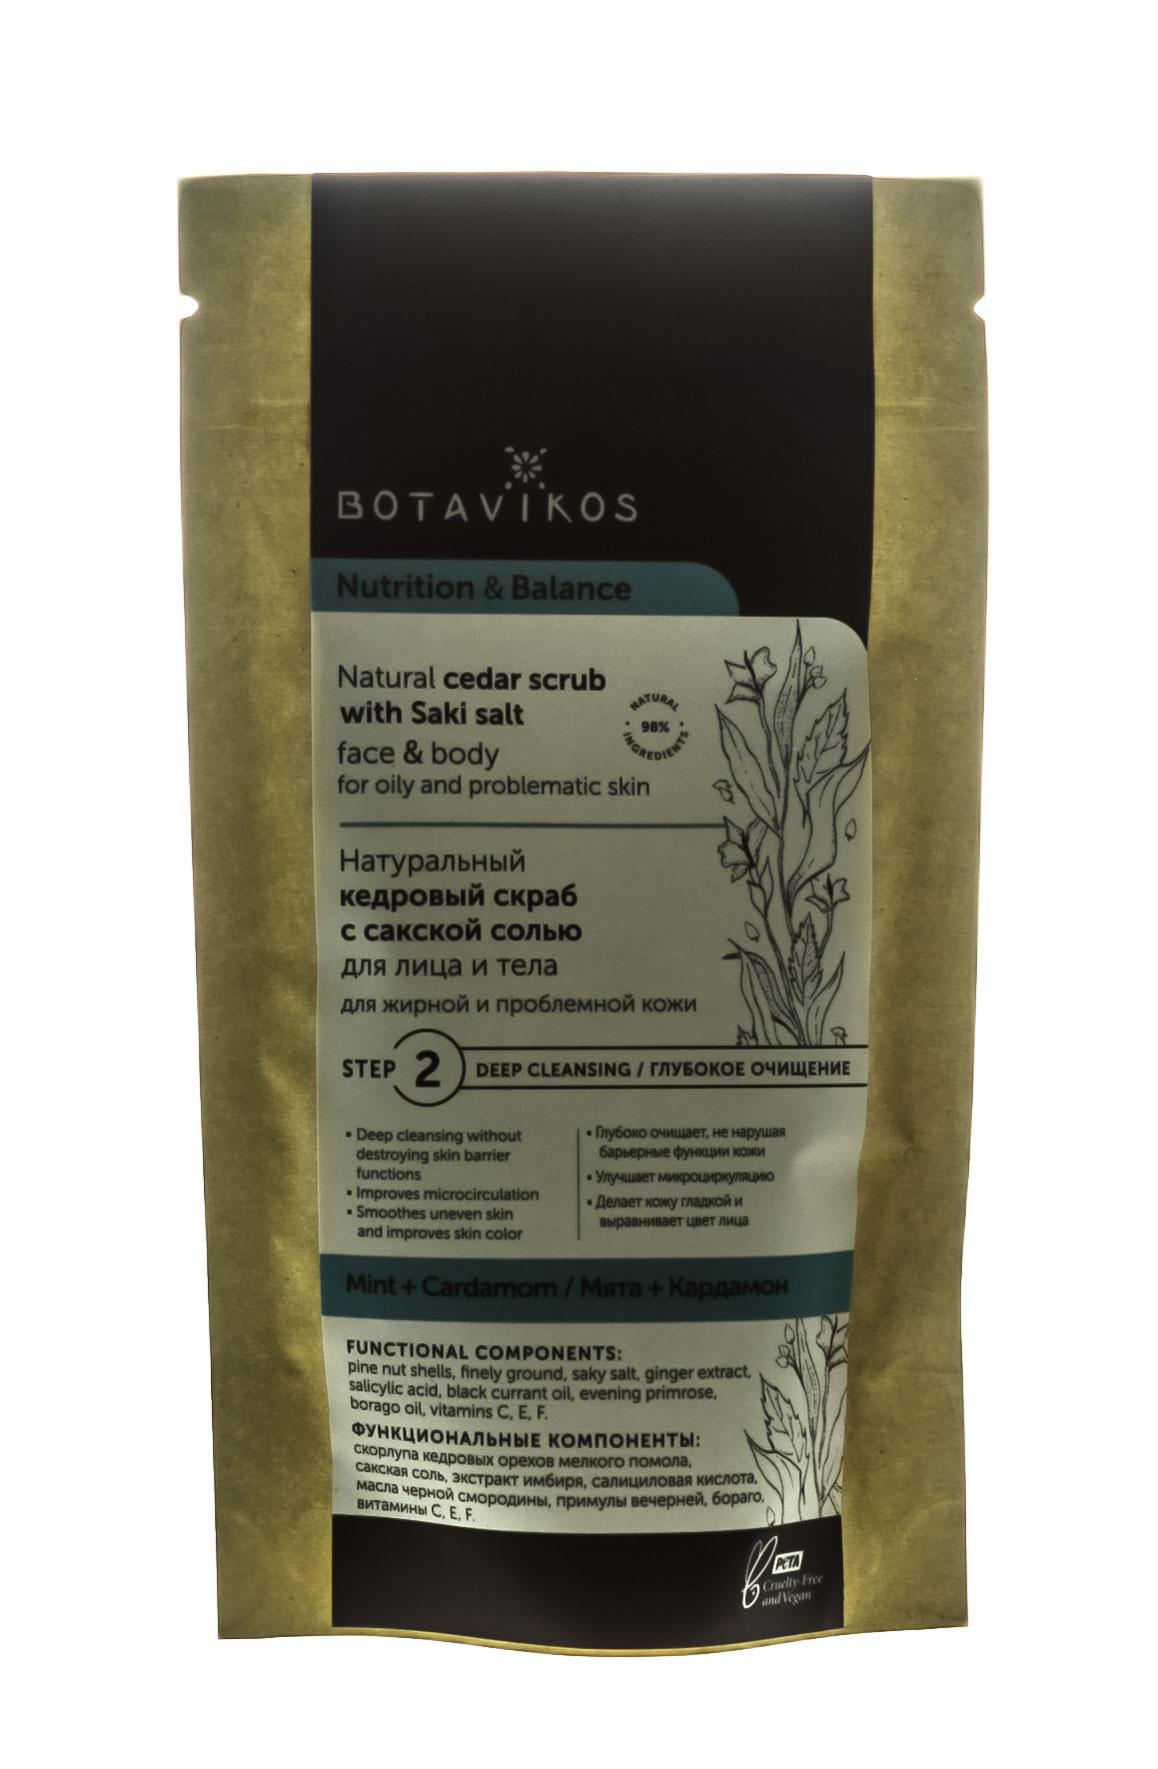 Купить Botavikos Натуральный кедровый скраб с сакской солью для жирной и проблемной кожи Nutrition & Balance 100 гр (Botavikos, )